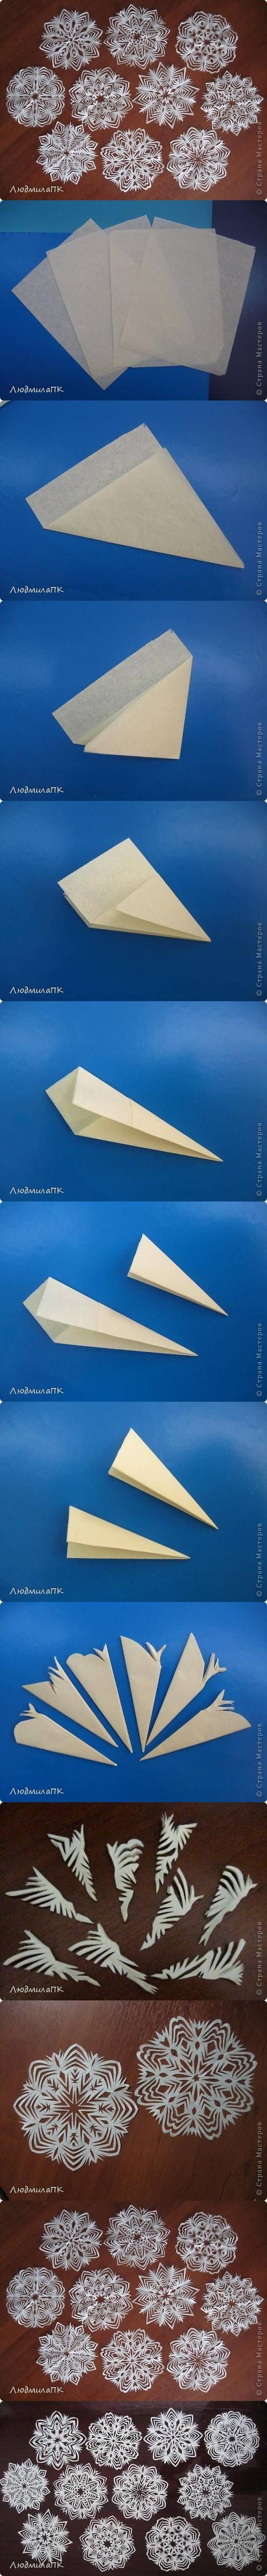 DIY: Paper Snowflakes: